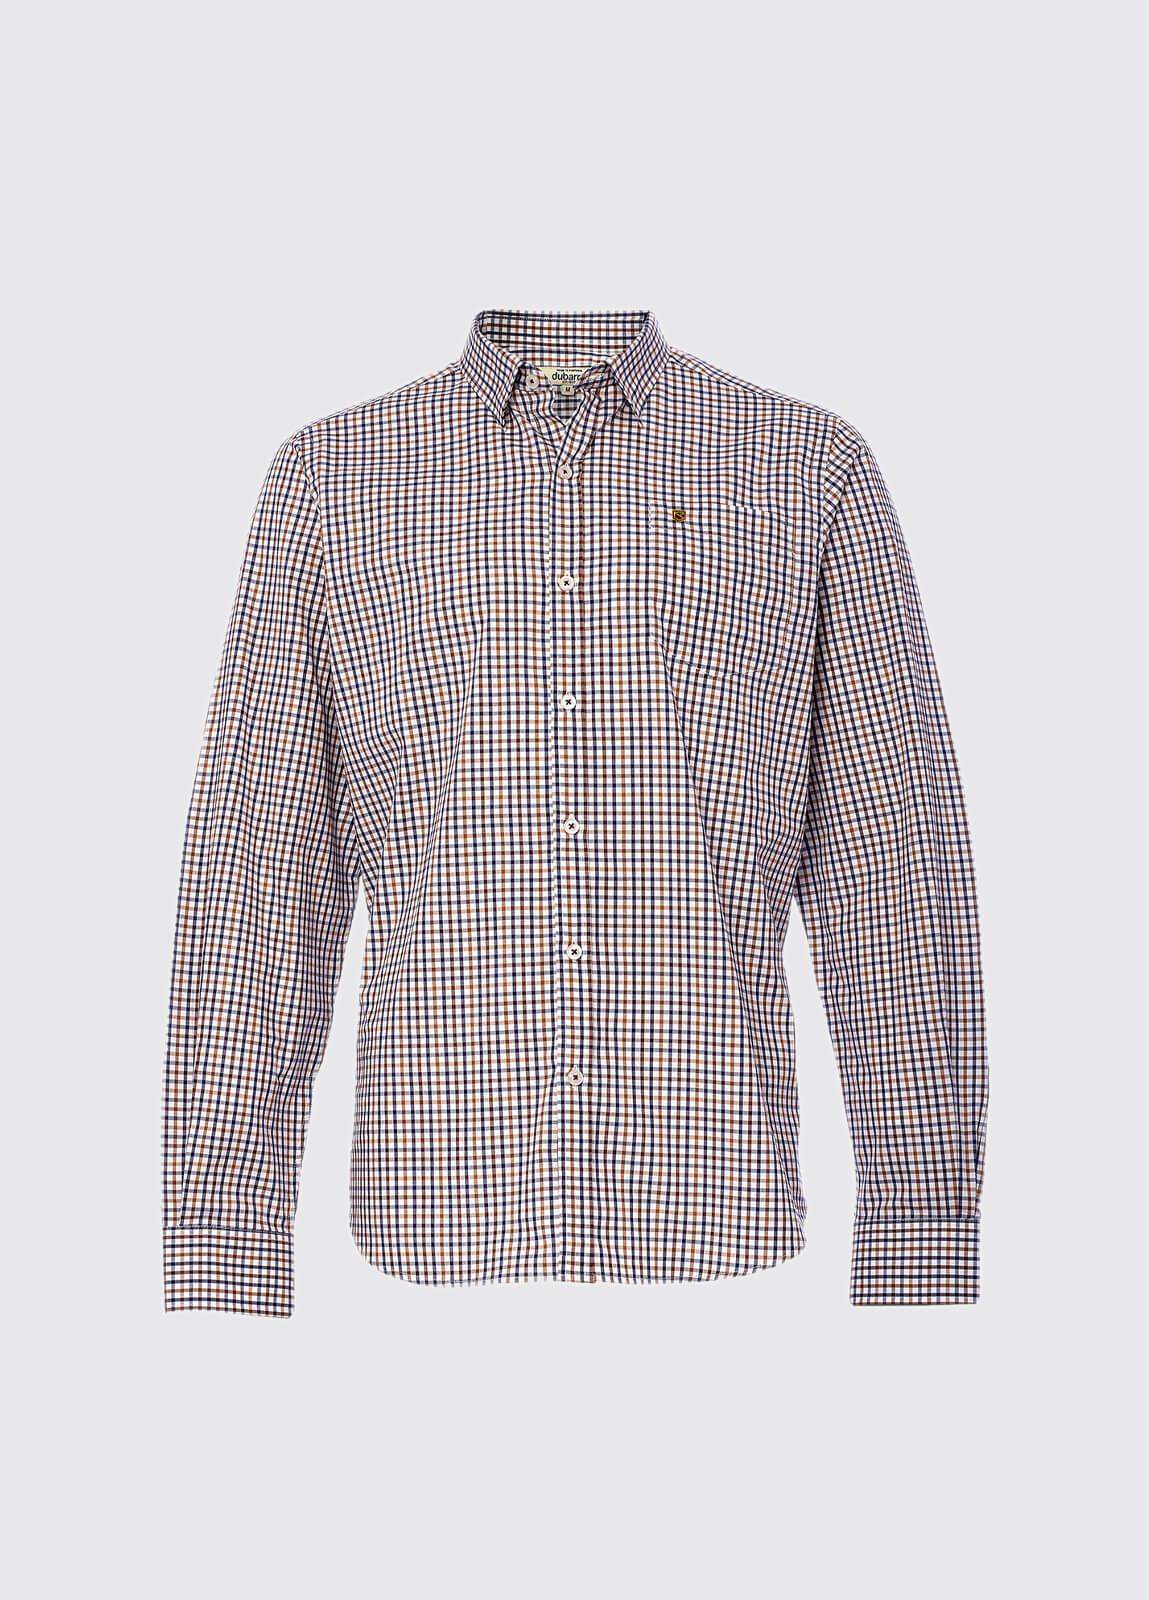 Ballincollig shirt - Khaki Multi